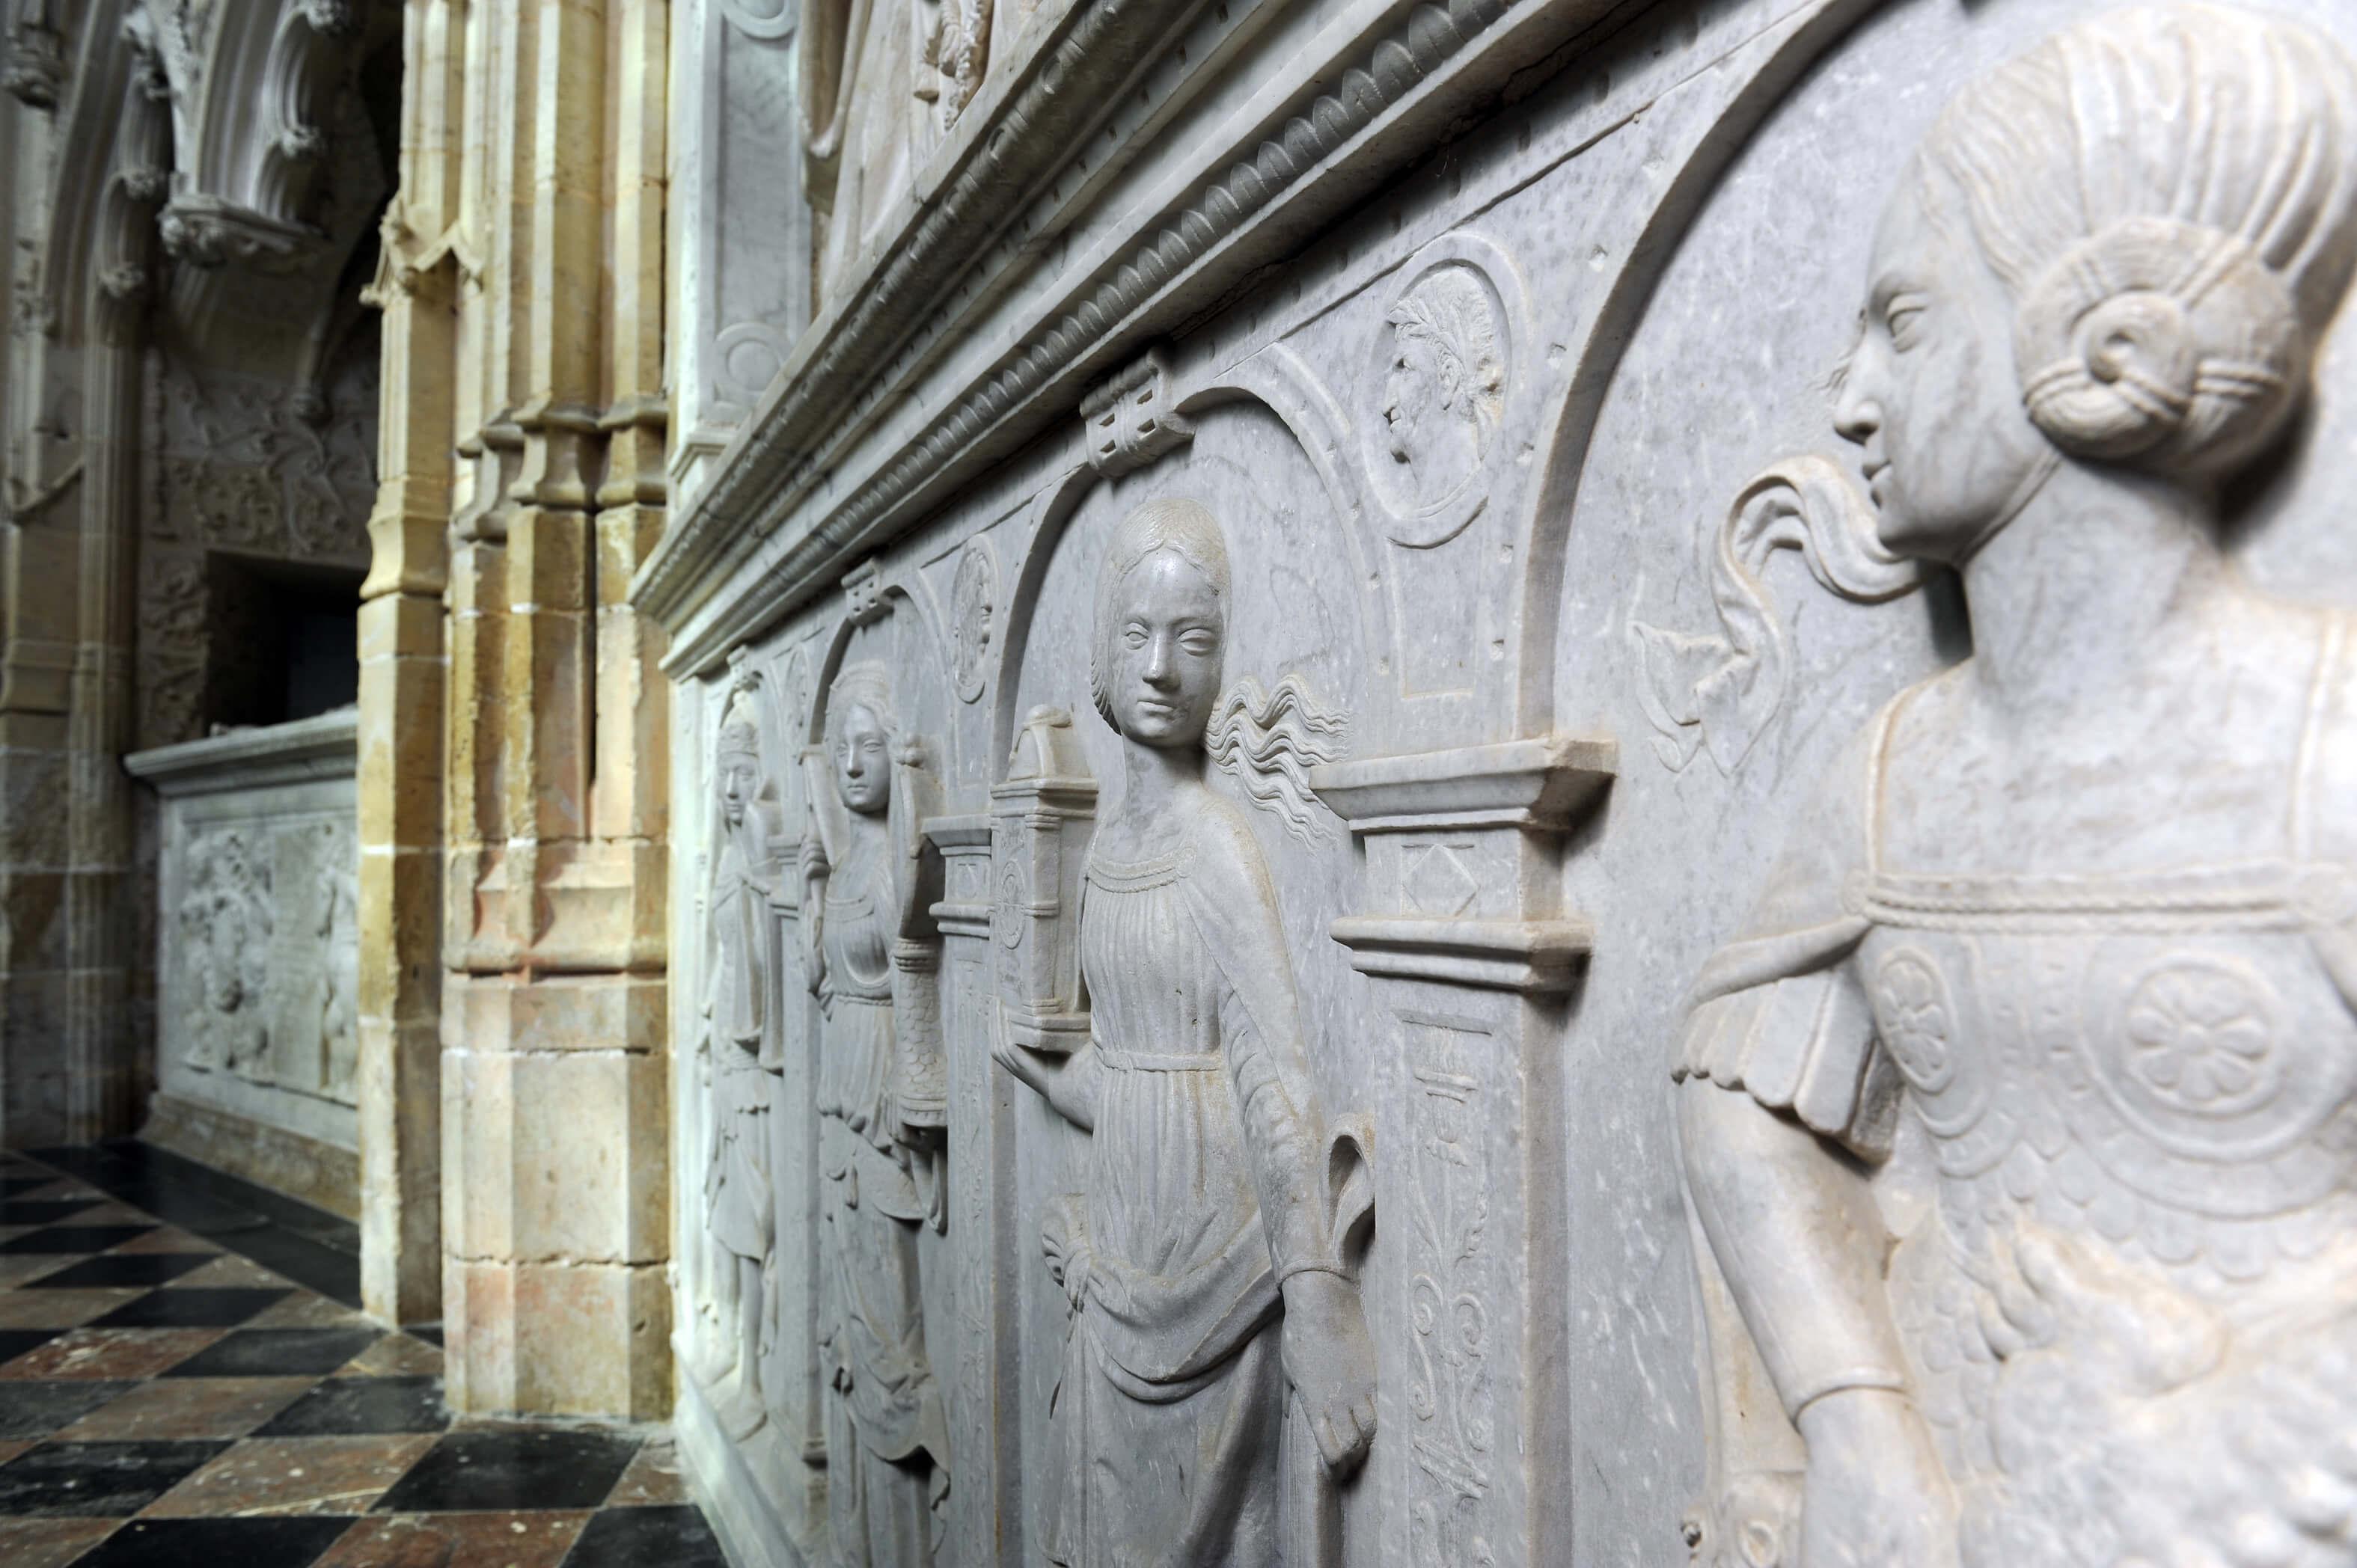 Eglise paroissiale Saint-Jacques-le-Majeur-et-Saint-Jean-Baptiste©ACIR / JJ Gelbart